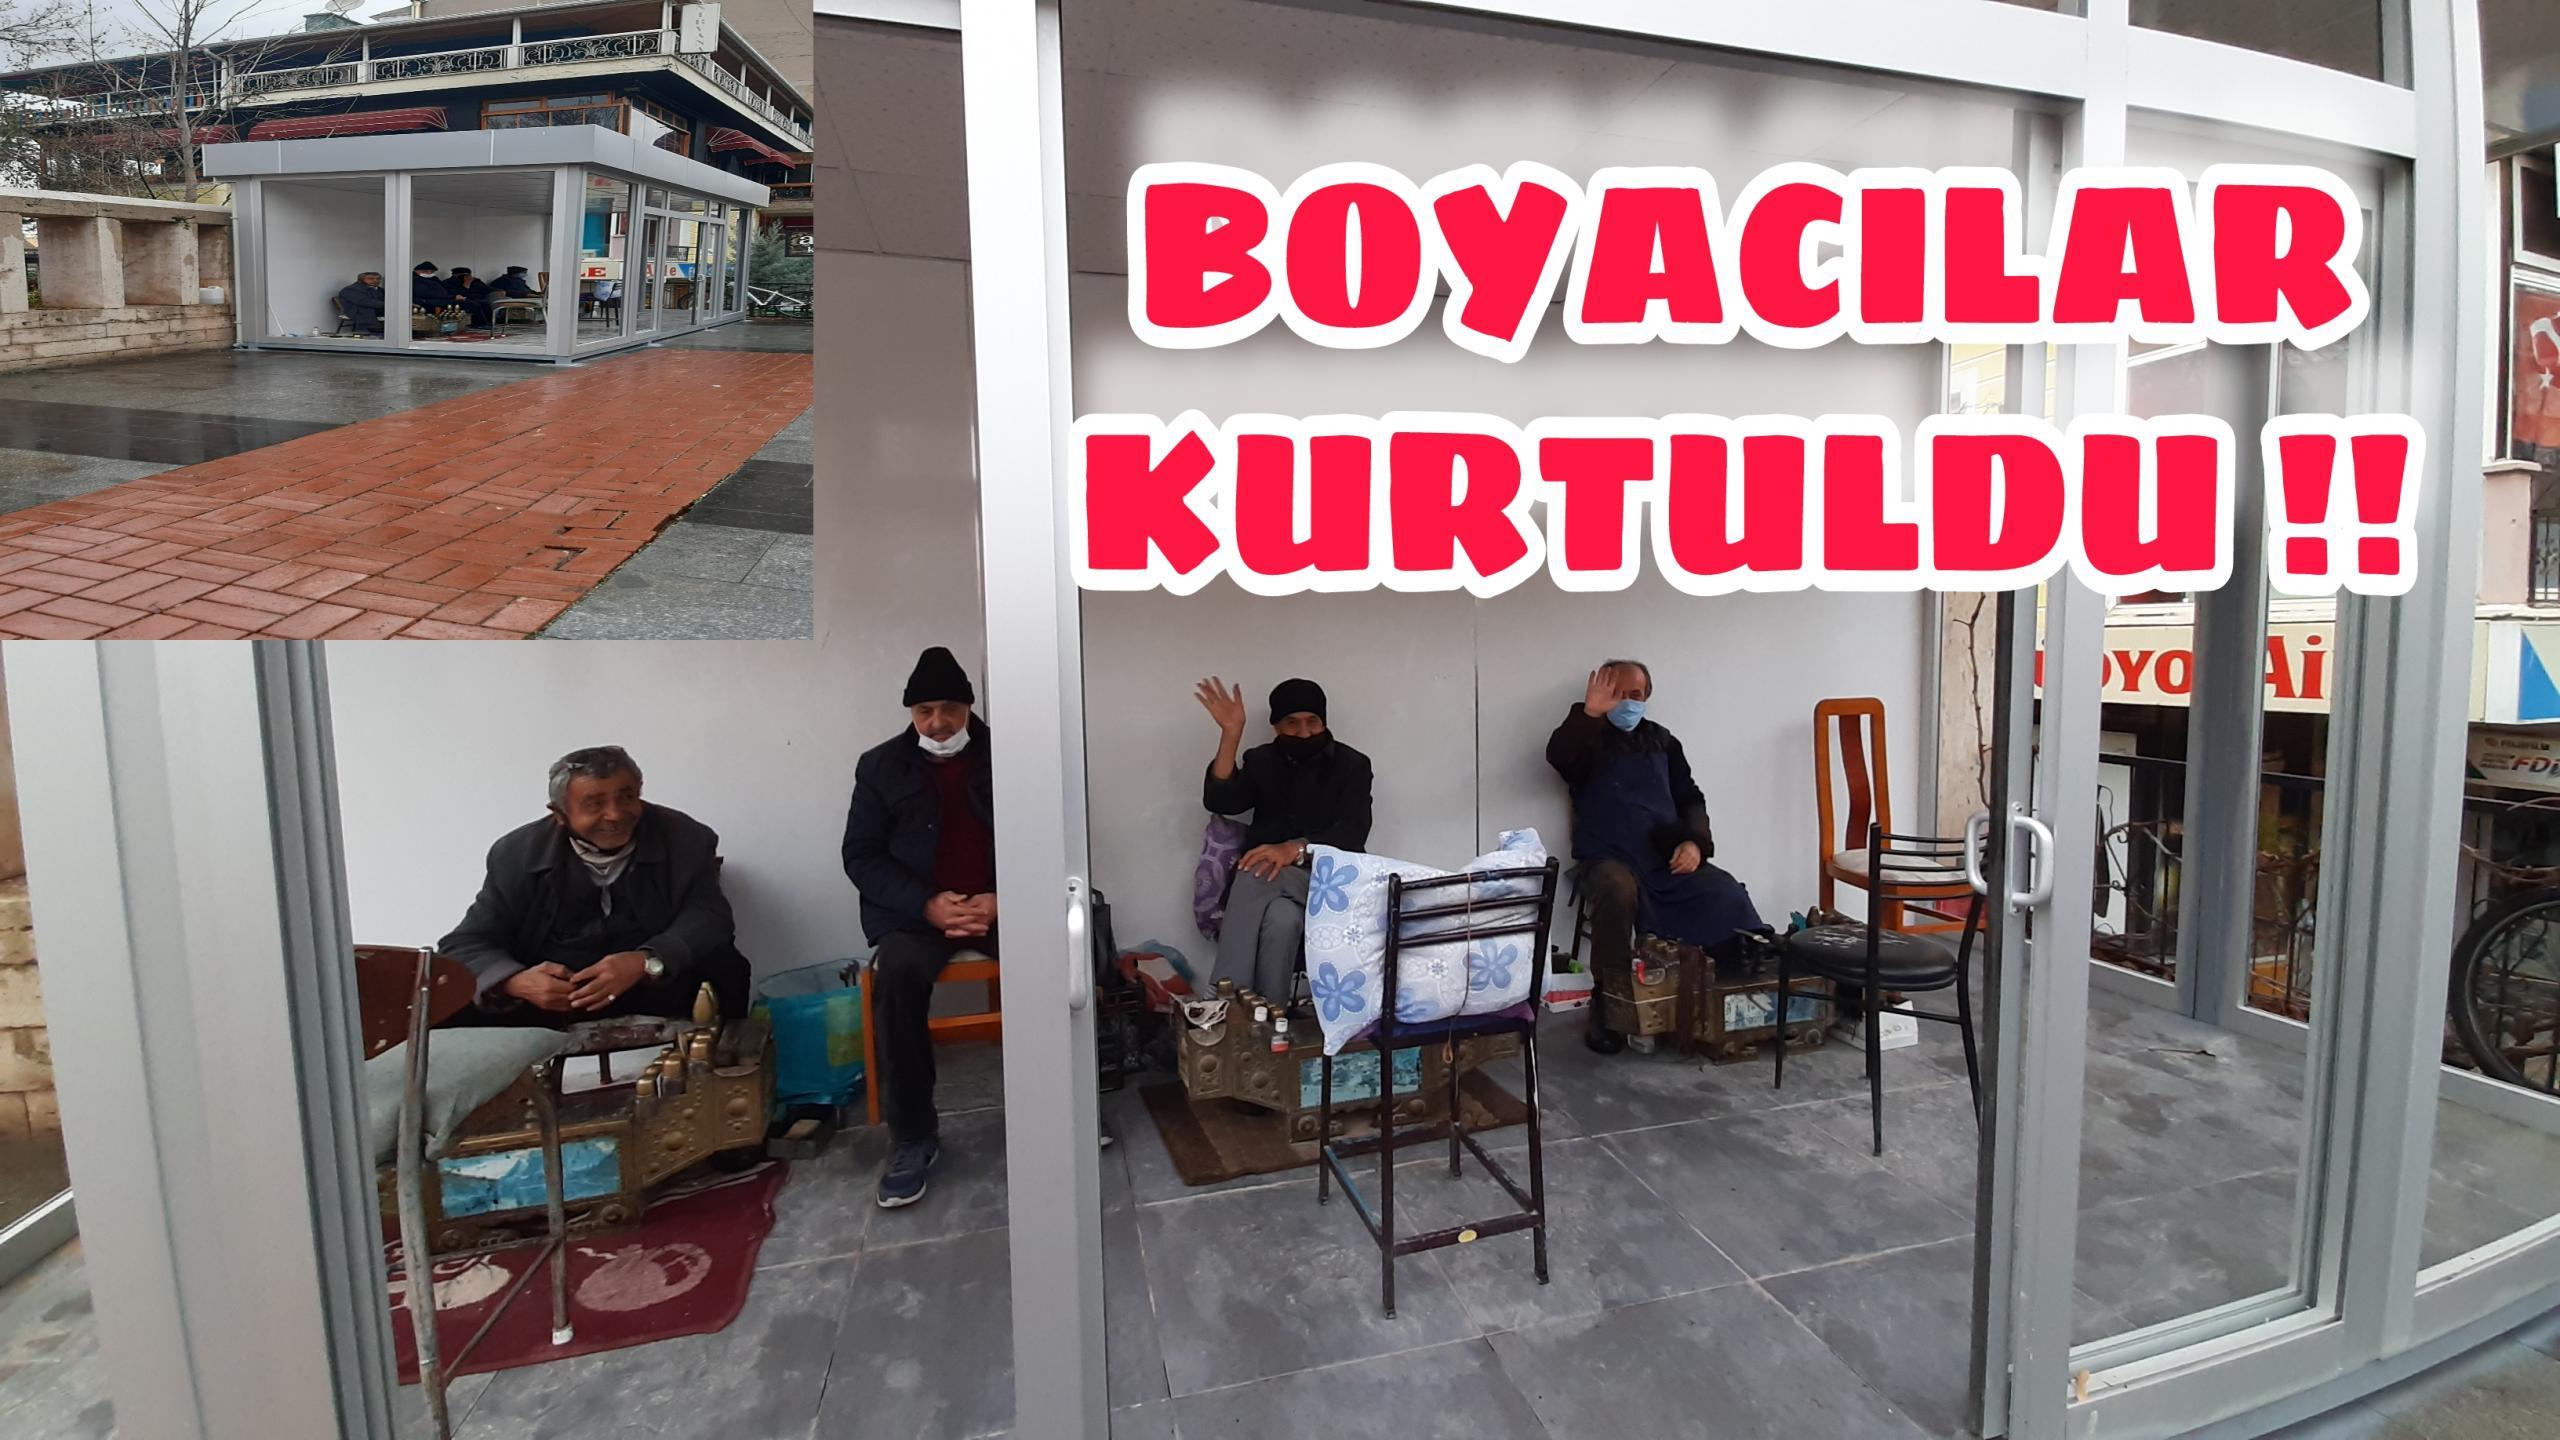 EMEKTAR BOYACILAR KURTULDU !!